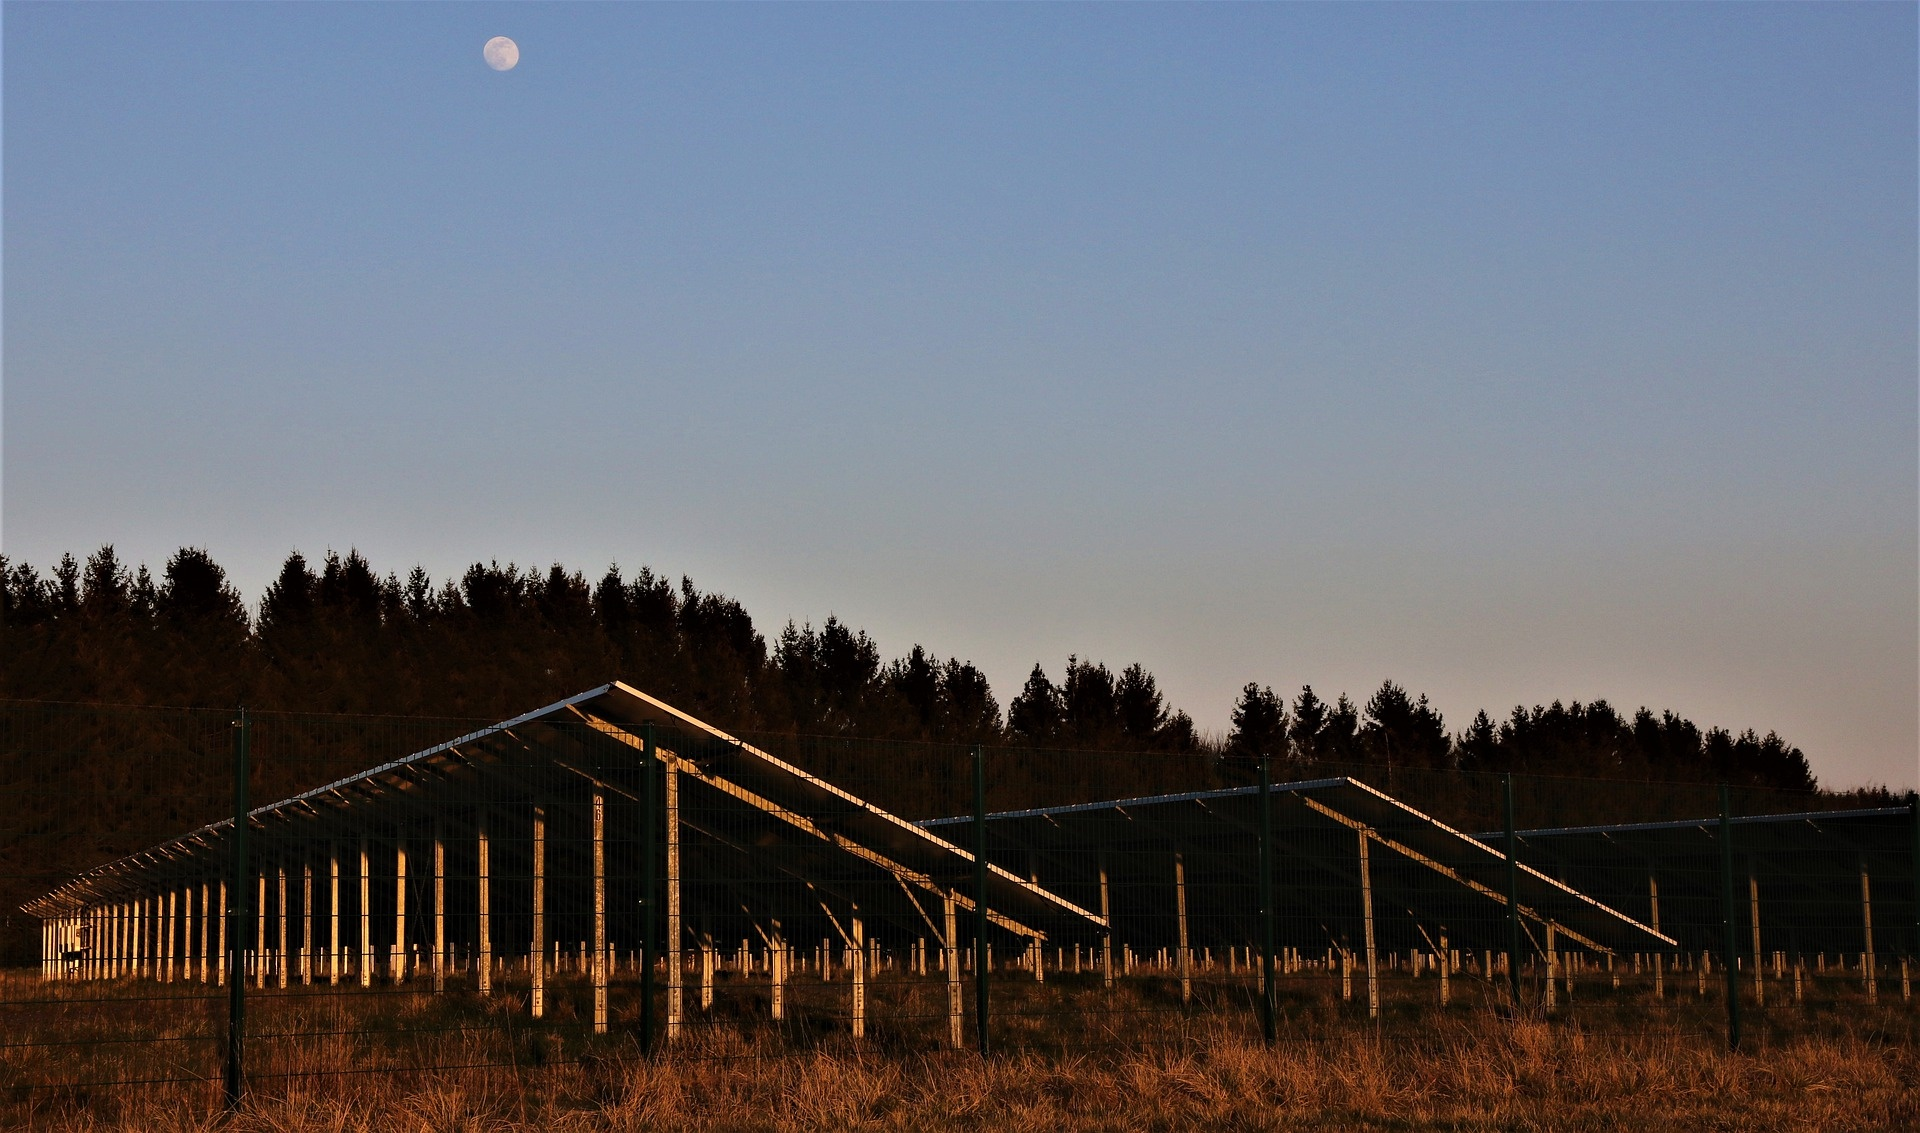 Solar Farm, Solar Panels, Solar Installation, YSG Solar